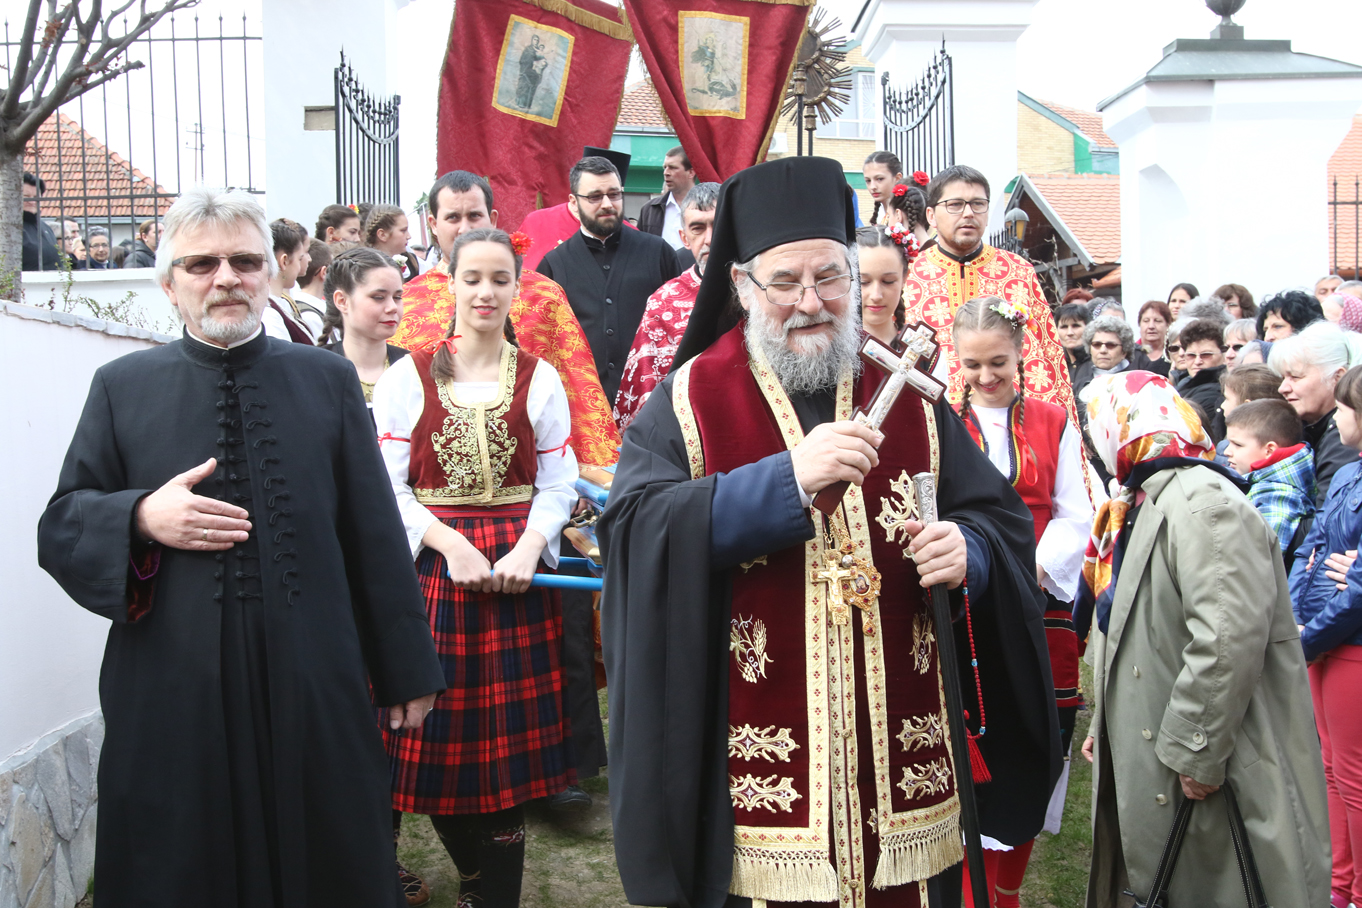 Најава: Епископ сремски у недељу, 10. априла, у Беркасову